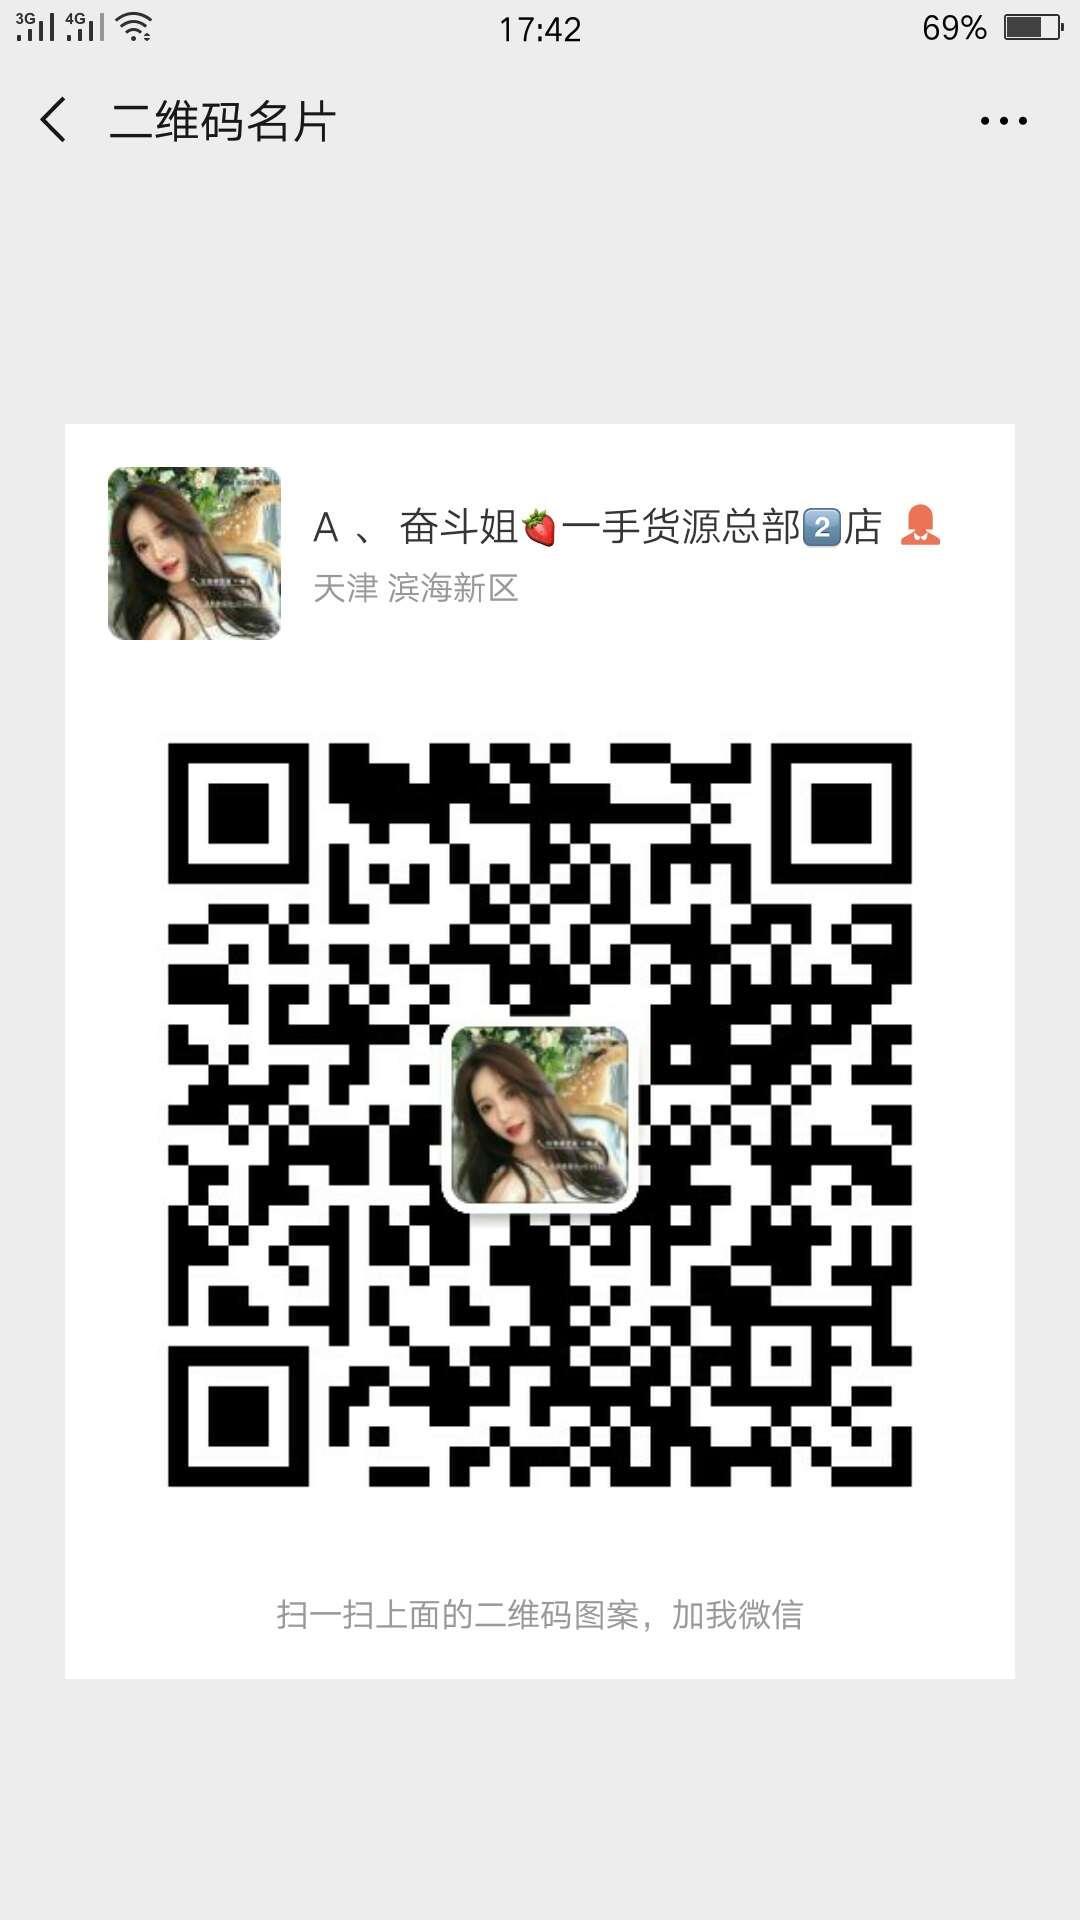 微信圖片_20190516175345.jpg